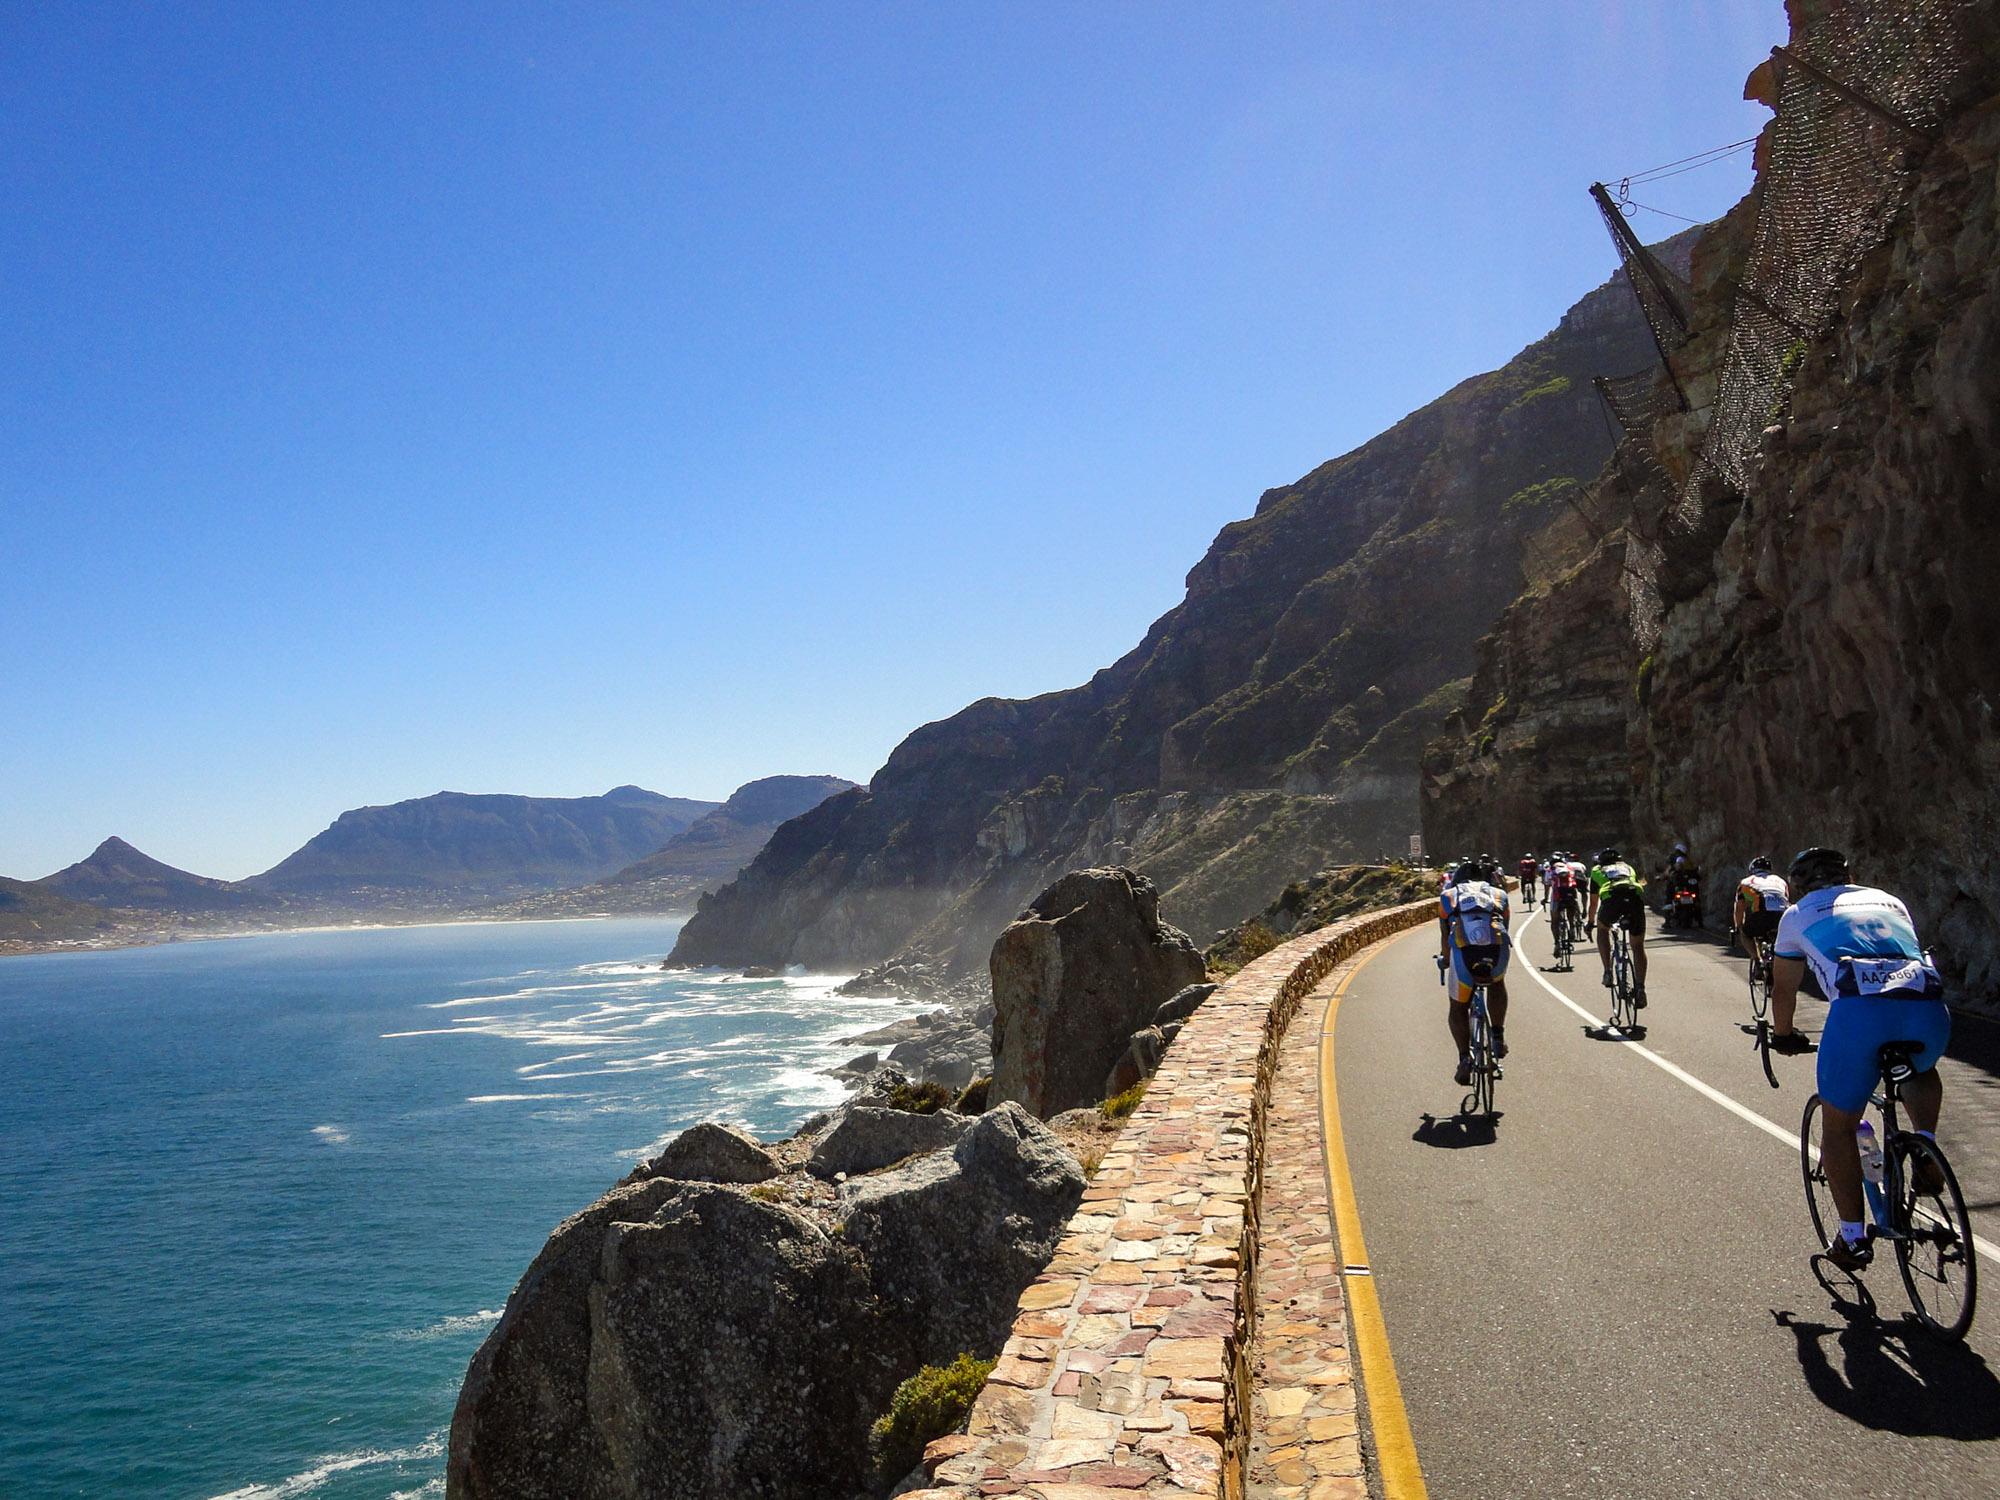 Beim Cape Argus: Rennradfahrer fahren auf einer Küstenstraße